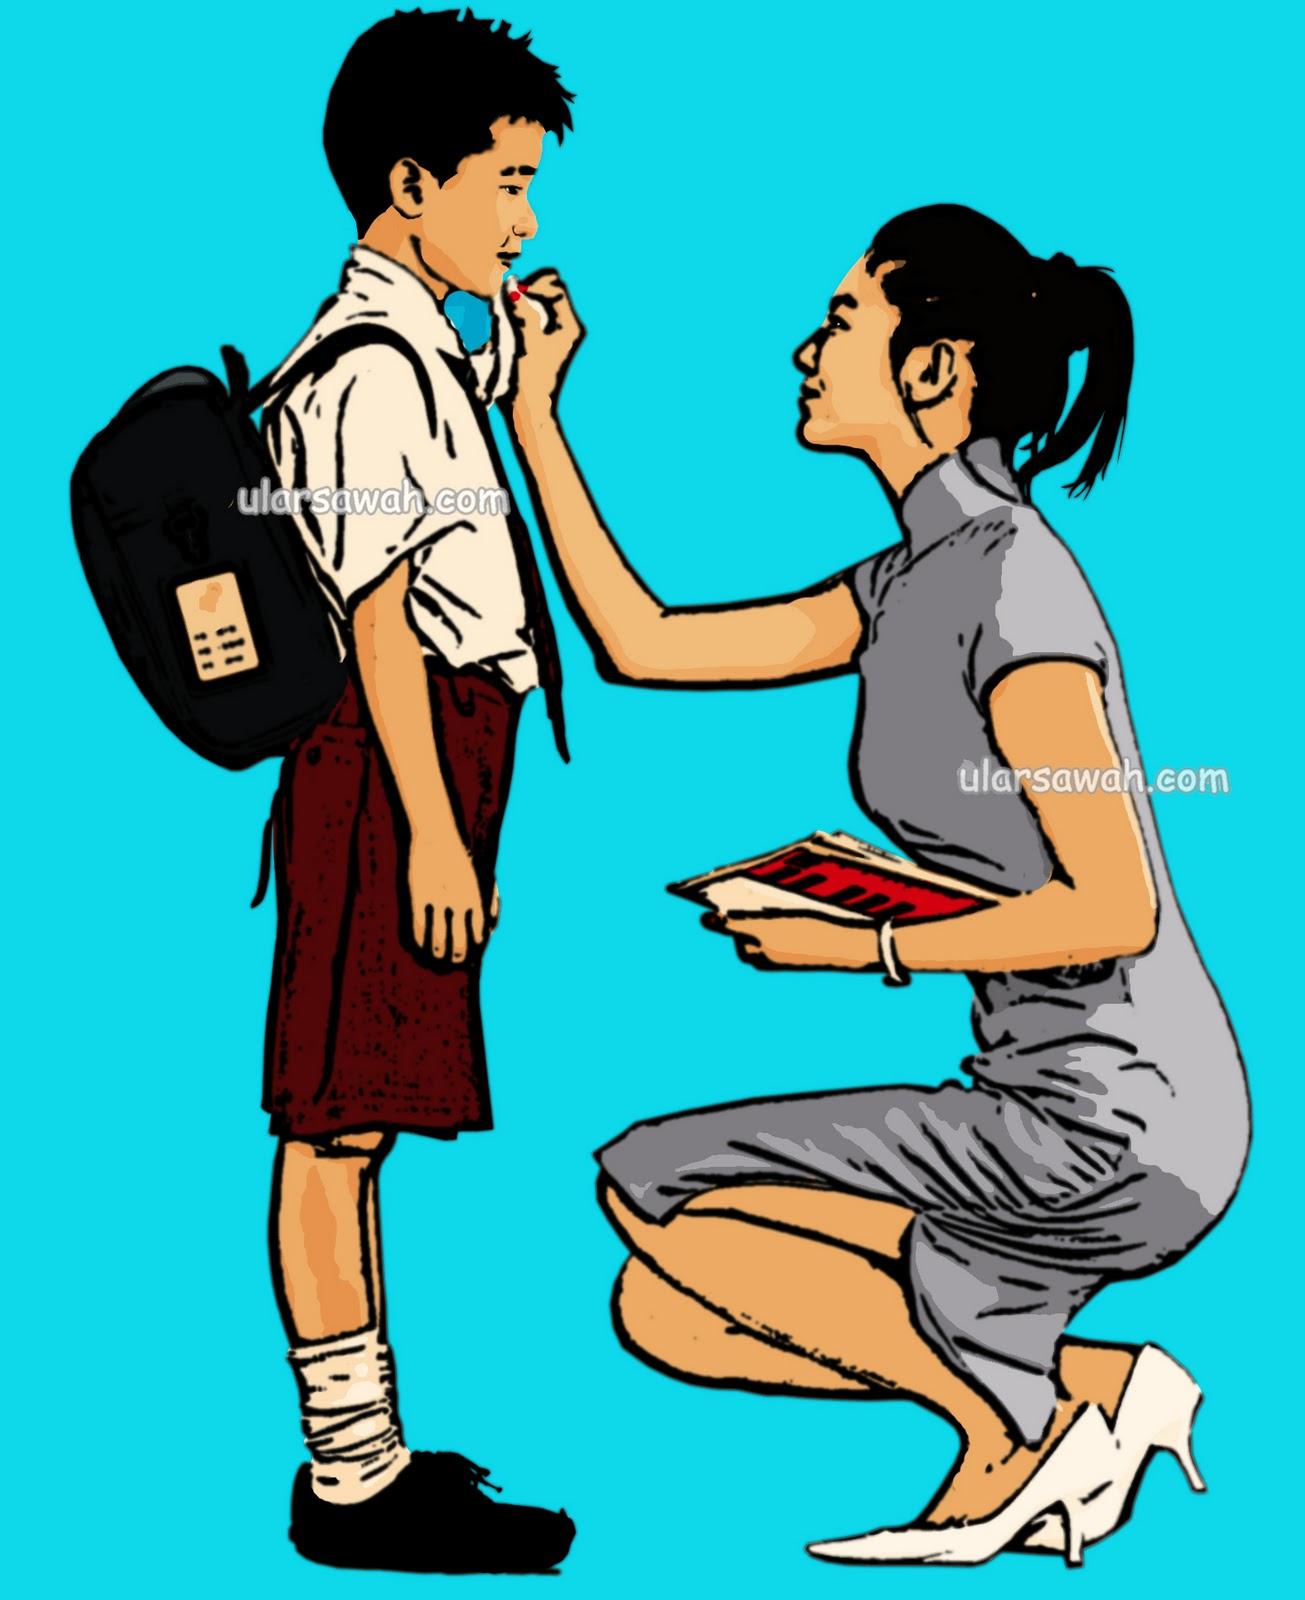 Animasi Siswa Smp : animasi, siswa, Gambar, Animasi, Tawuran, Cikimm.com